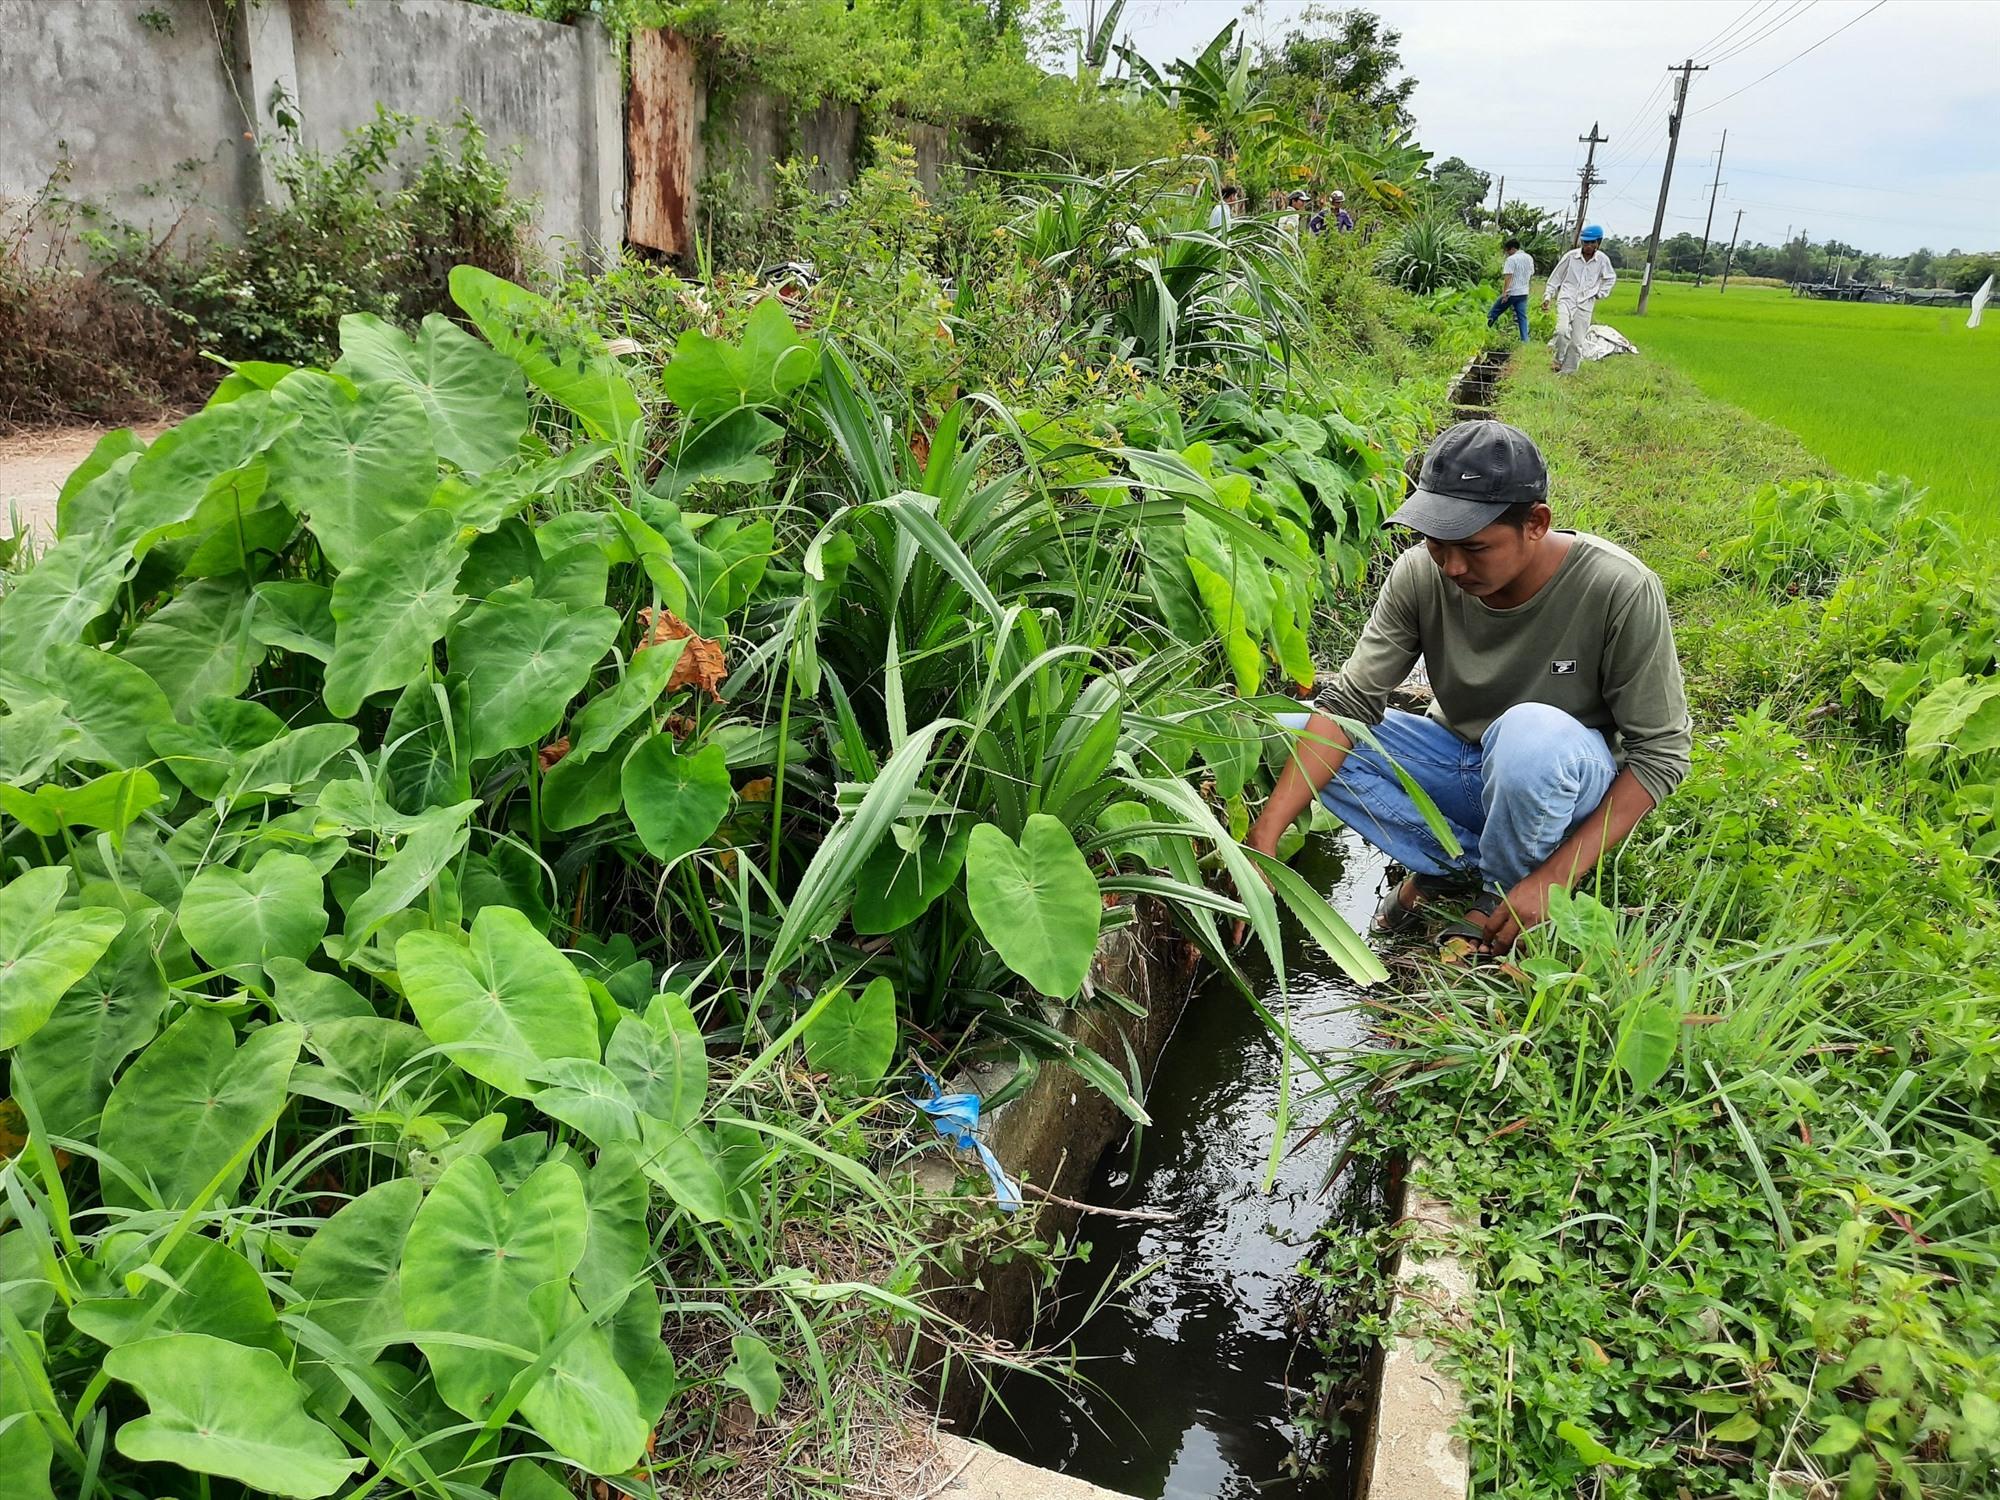 Người dân tố cáo trang trại nuôi gà xả thải trực tiếp vào mương tưới tiêu thủy lợi gây ô nhiễm môi trường. Ảnh: Đ. Q